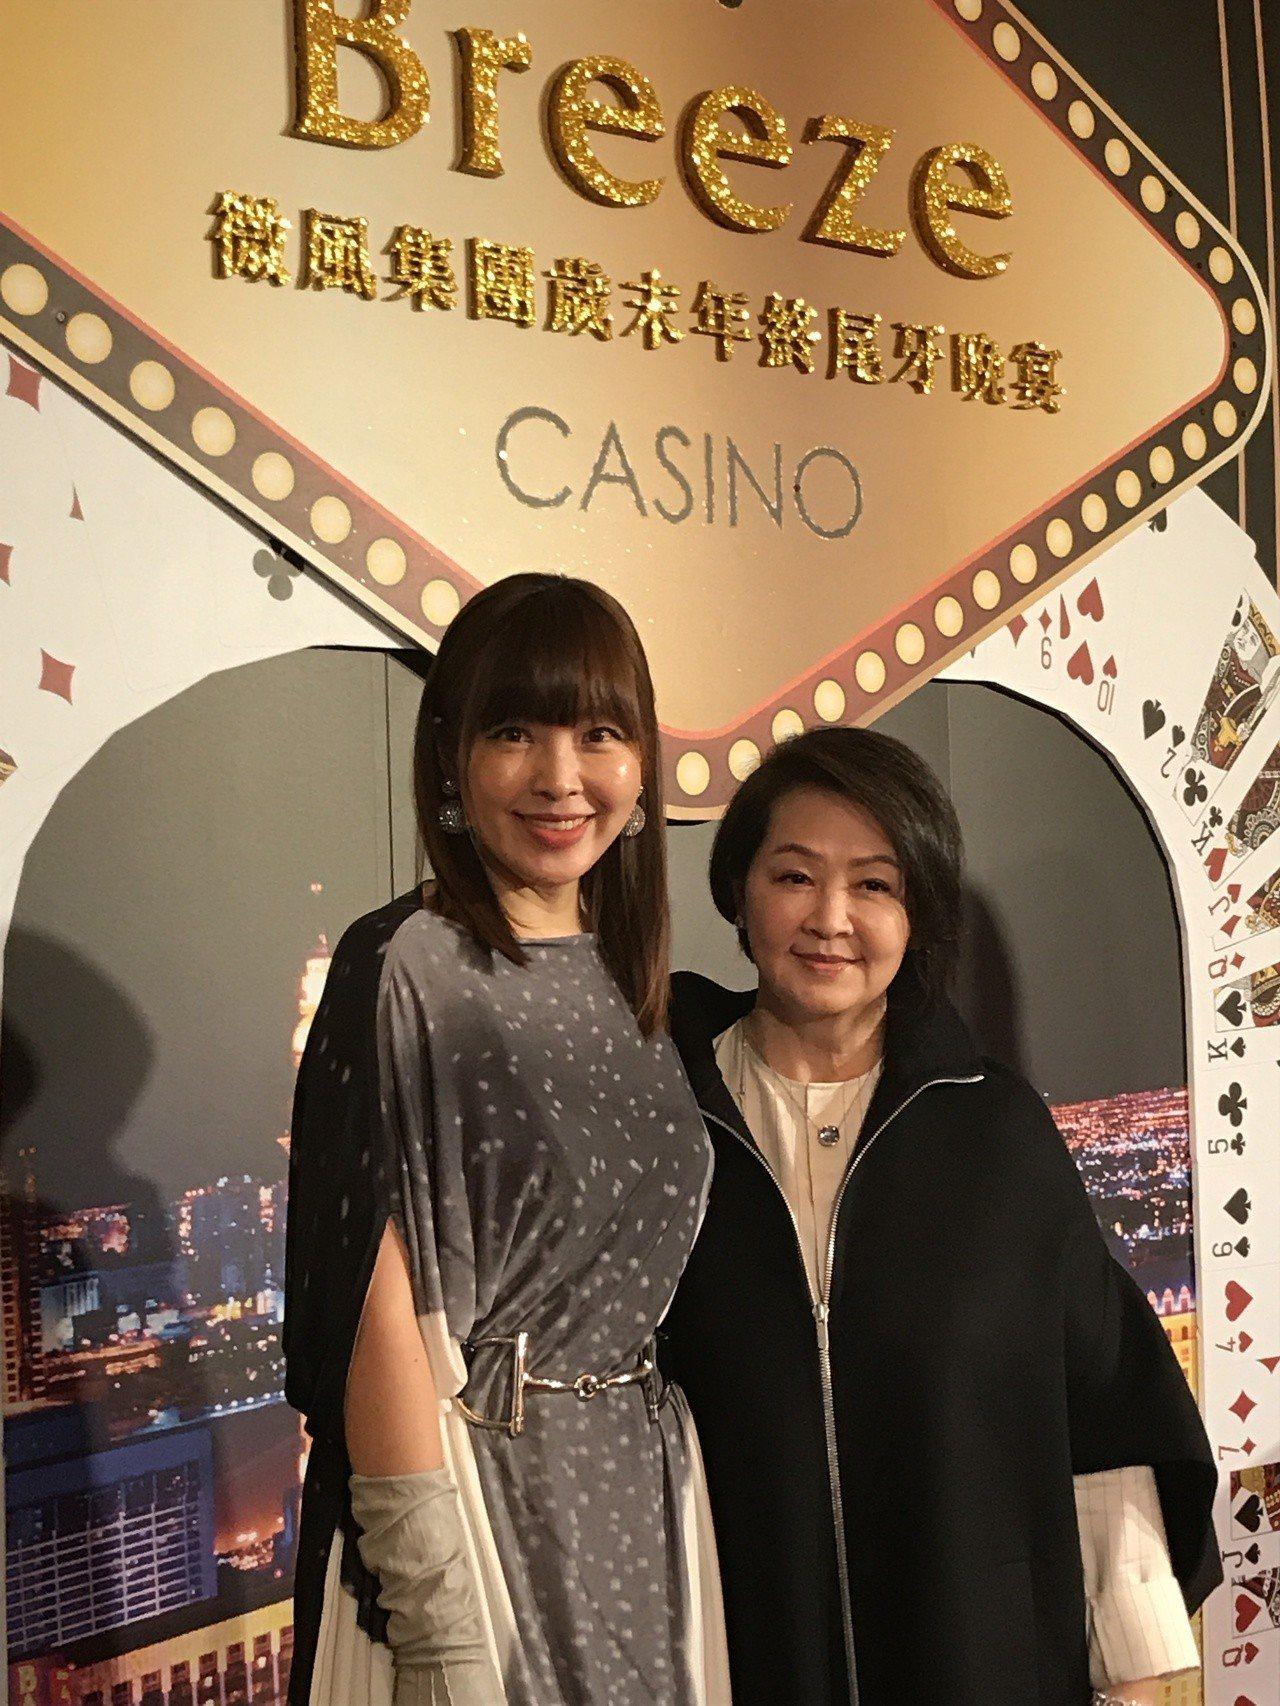 左起微風集團策略長廖曉喬與母親林美瑛女士。記者江佩君/攝影